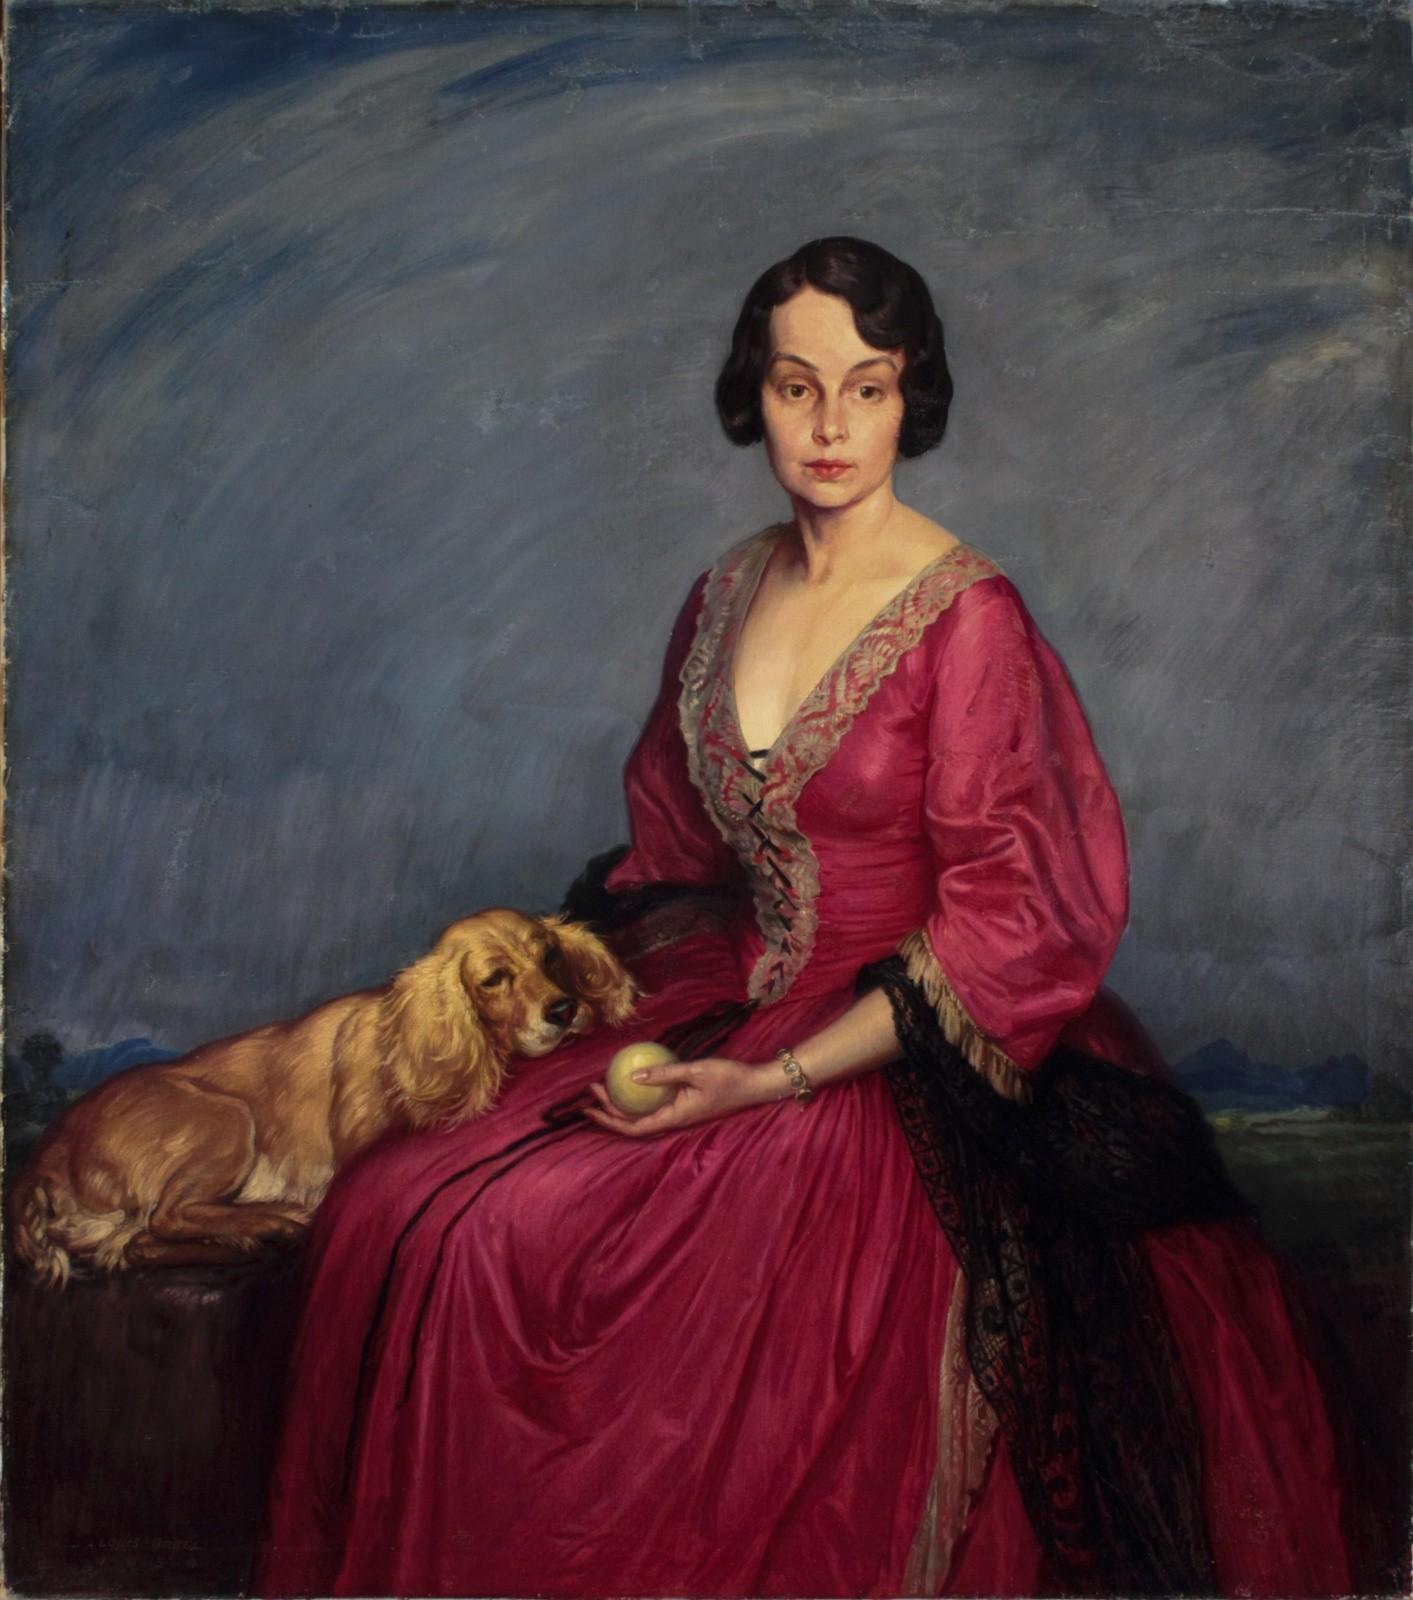 Lady with Spaniel